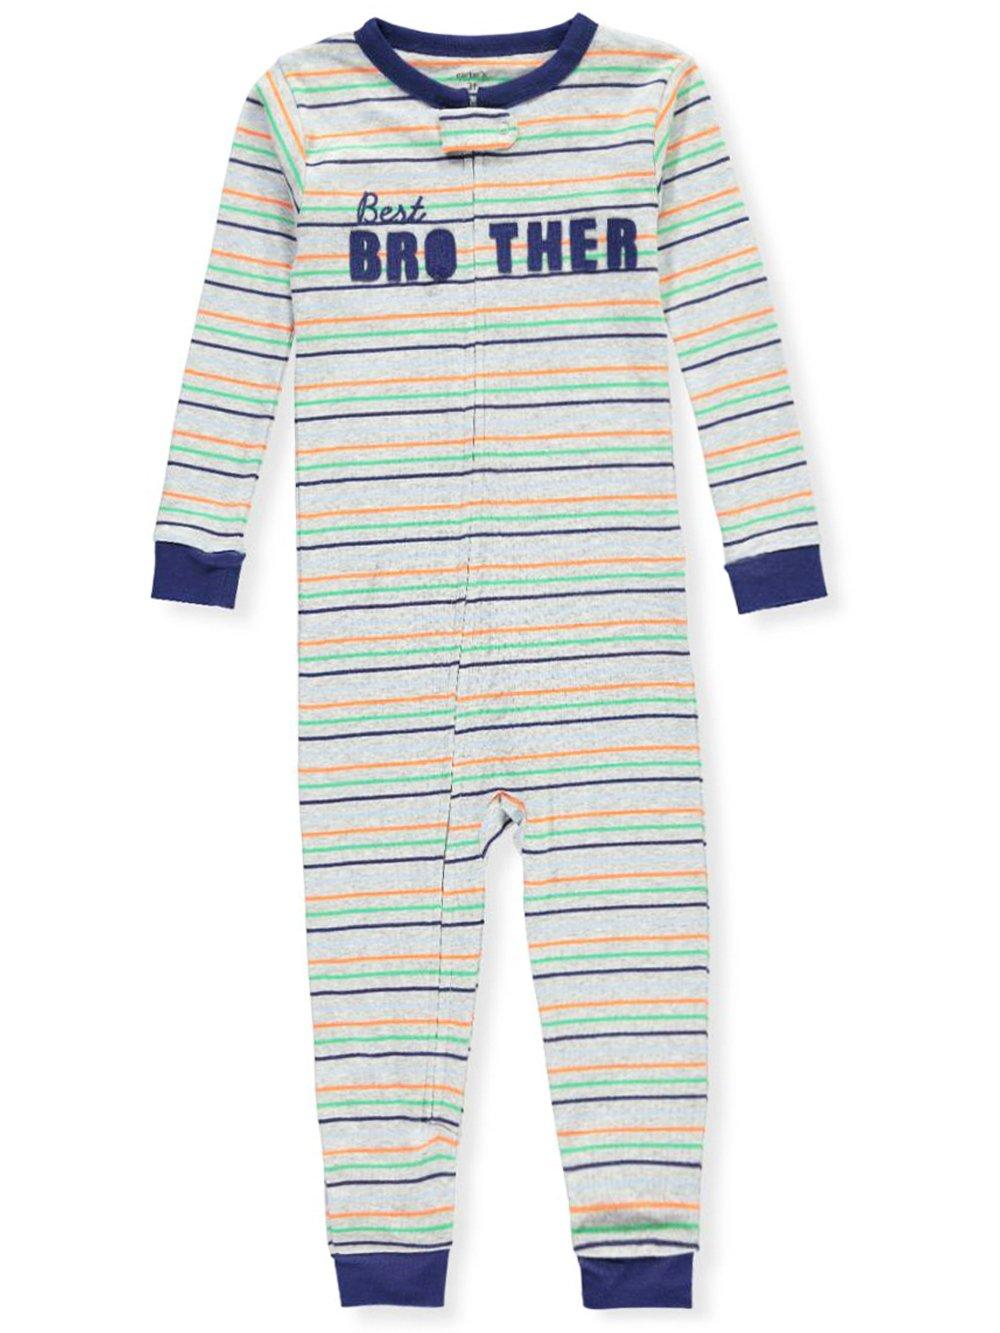 Carter's Boys' 1-Piece Pajama Suit 4t Carter' s 23573310